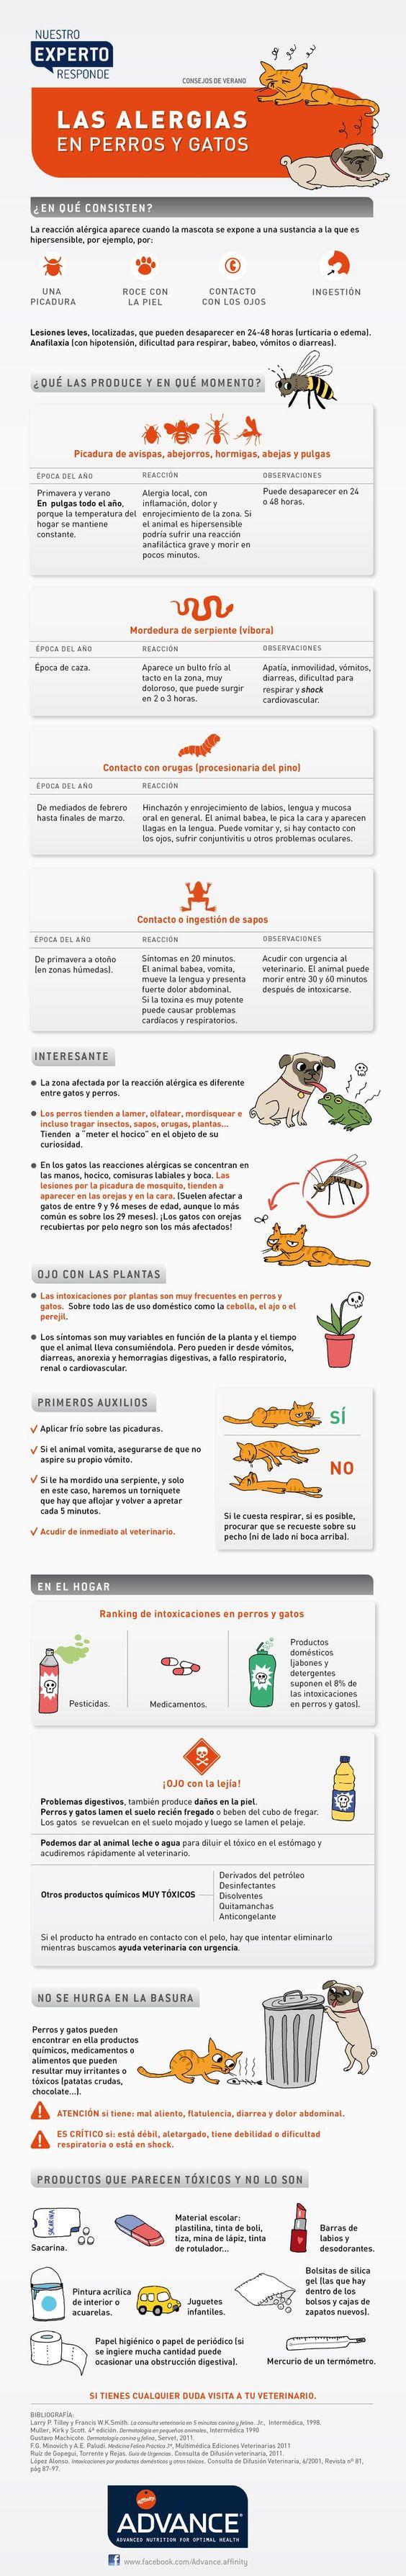 Las alergias en perros y gatos #infografia